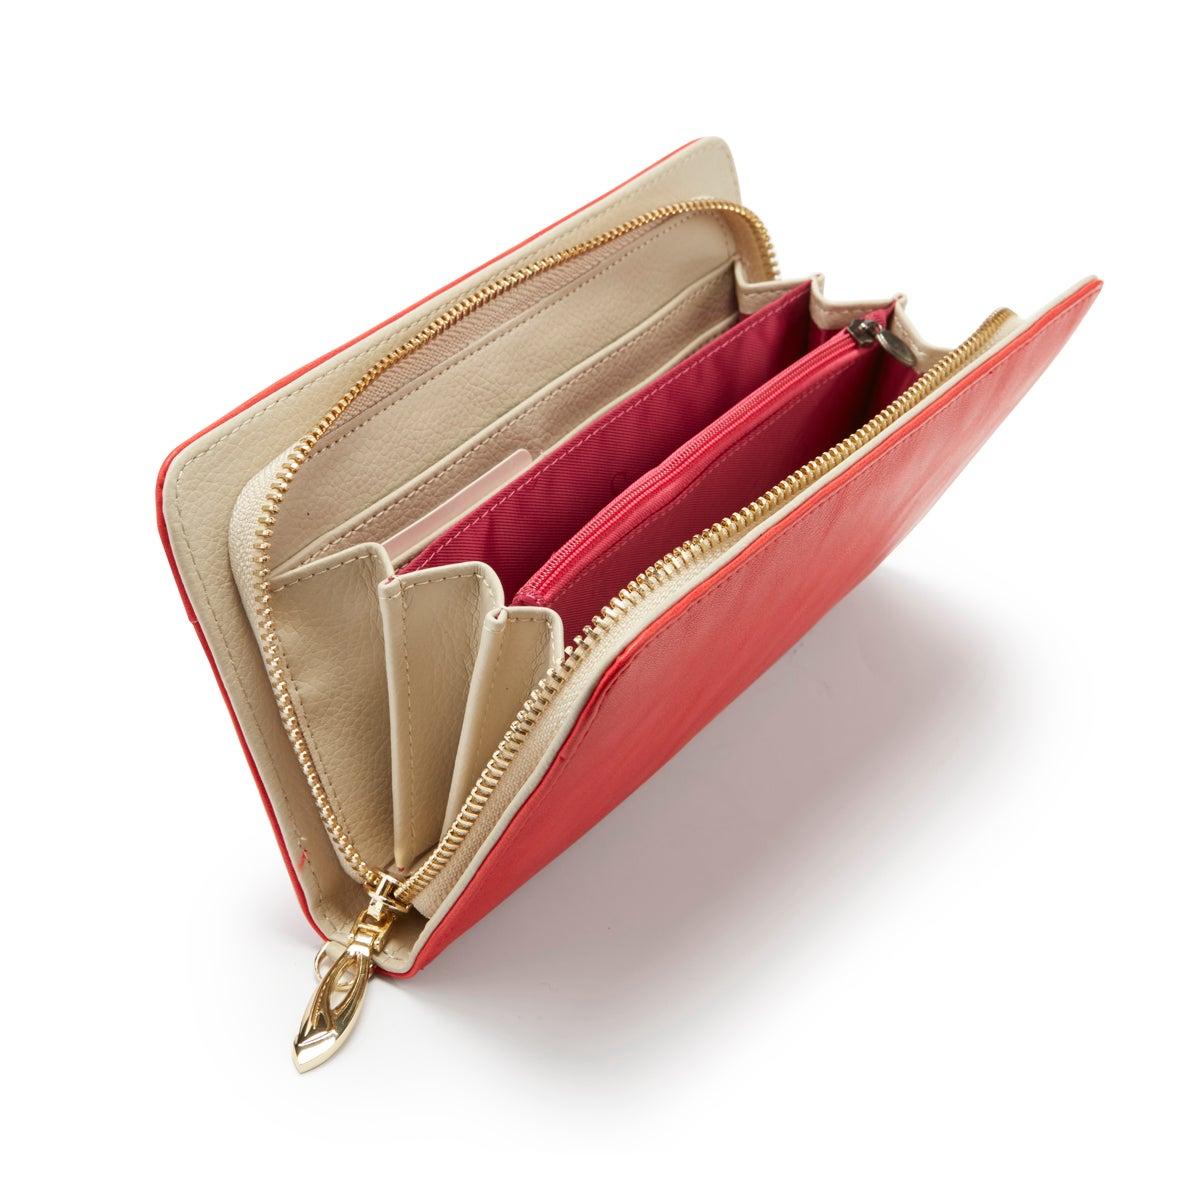 Lds red zip around convertible wallet